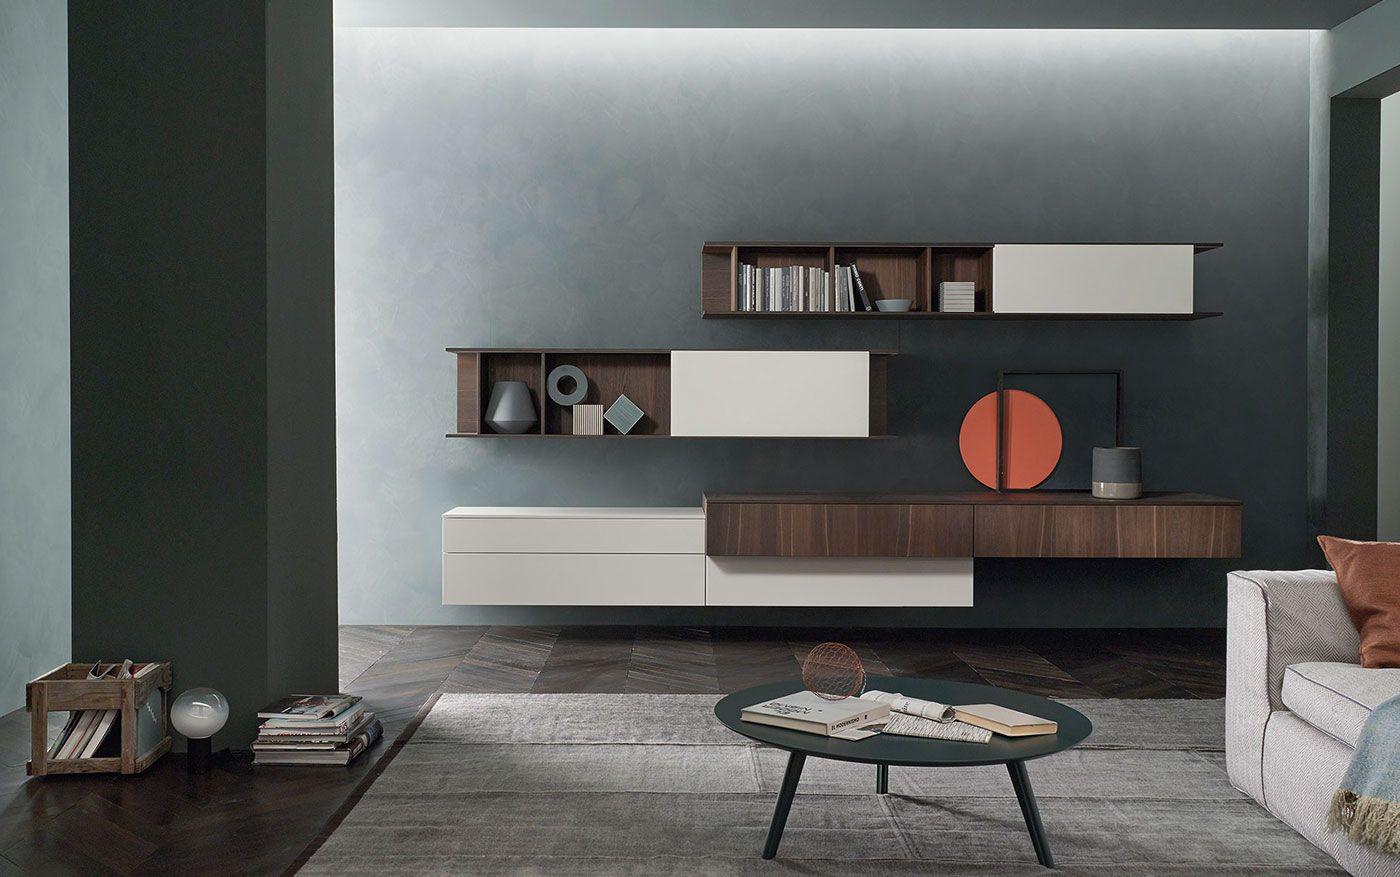 Wohnwand lampo lc möbel wohnzimmermöbel möbel für